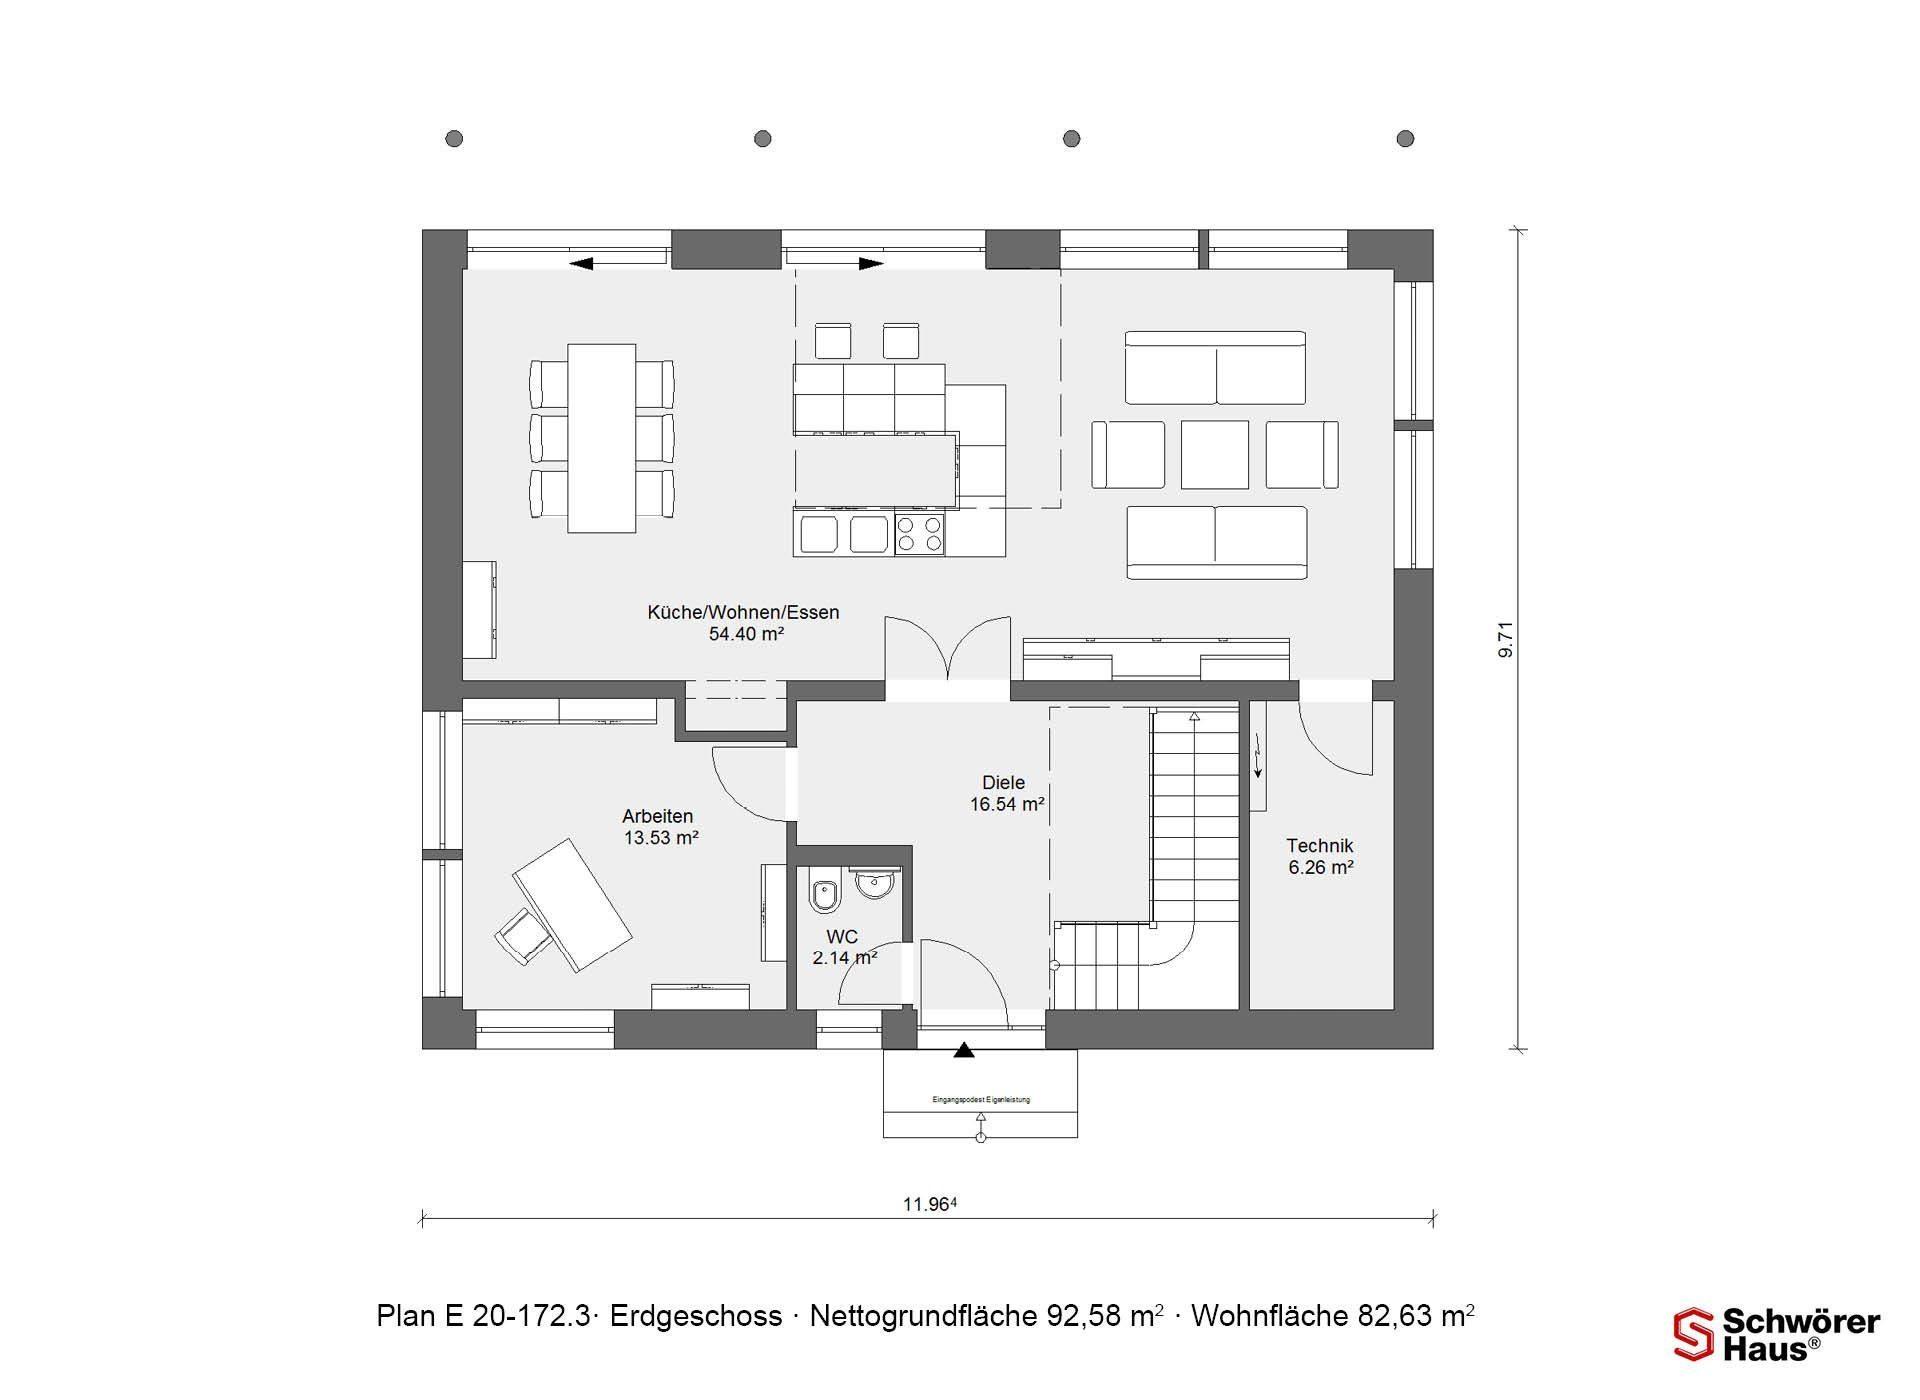 Musterhaus in Suhr - Eine nahaufnahme von text auf einem weißen hintergrund - Gebäudeplan